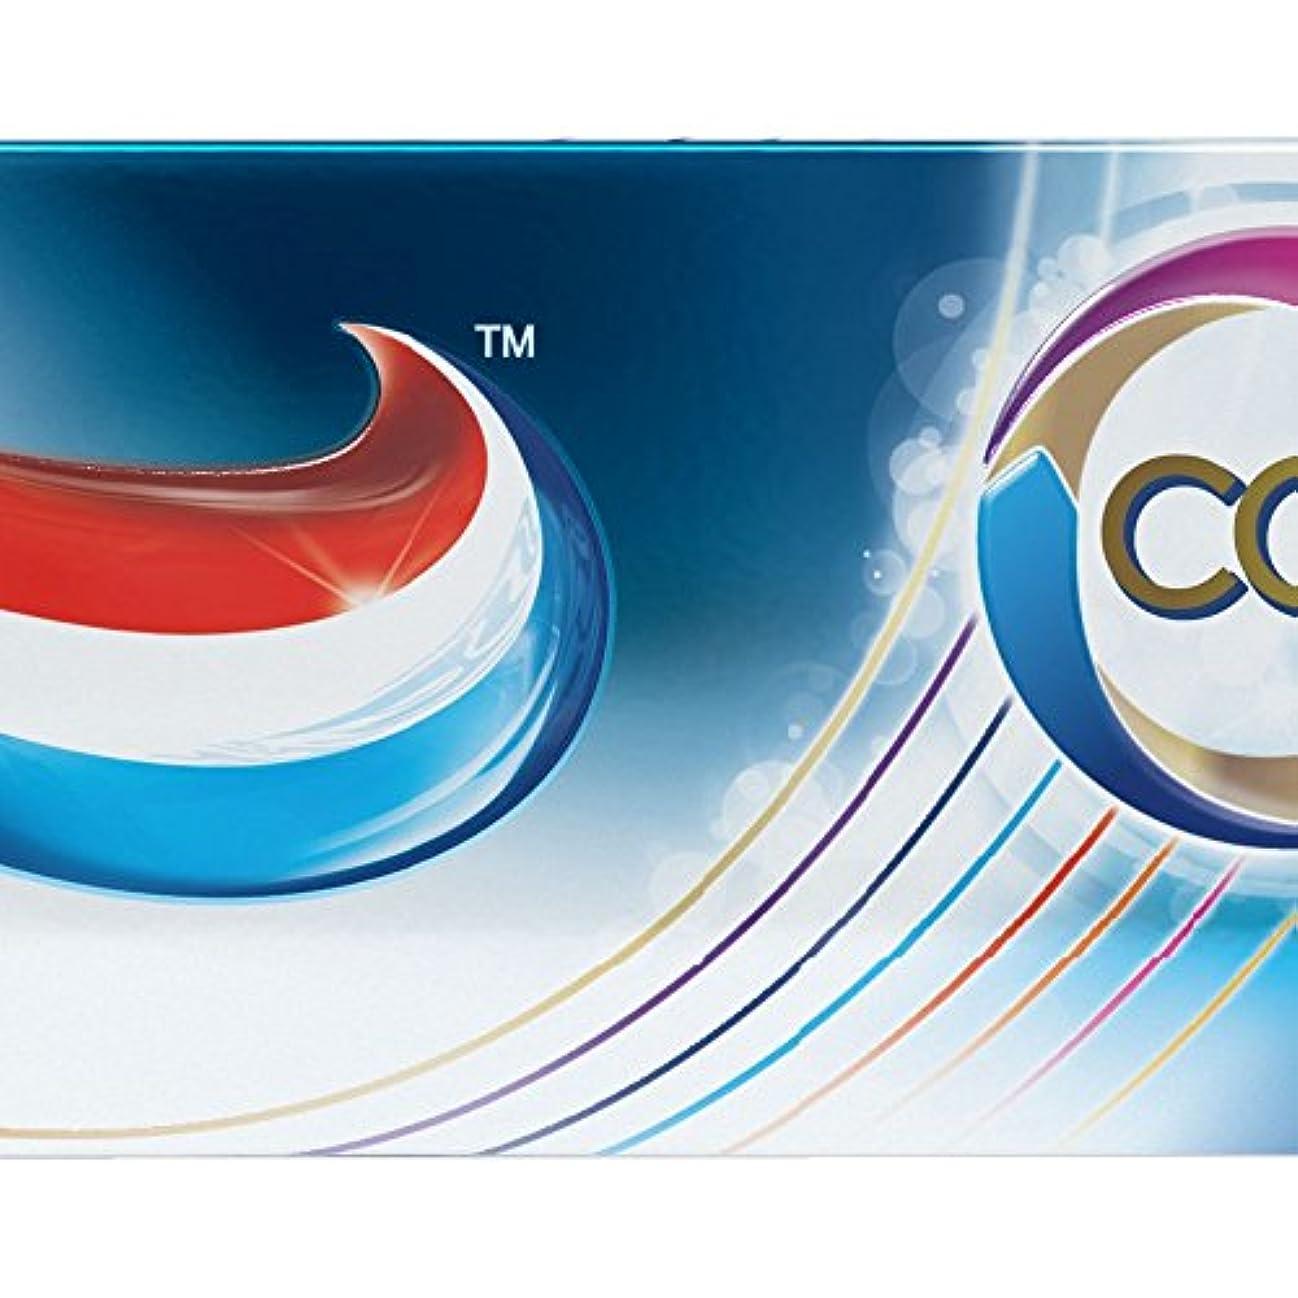 独立してタウポ湖雷雨Aquafresh Complete Care Fluoride Toothpaste (75ml) アクアフレッシュコンプリートケアフッ化物歯磨き粉( 75ミリリットル) [並行輸入品]